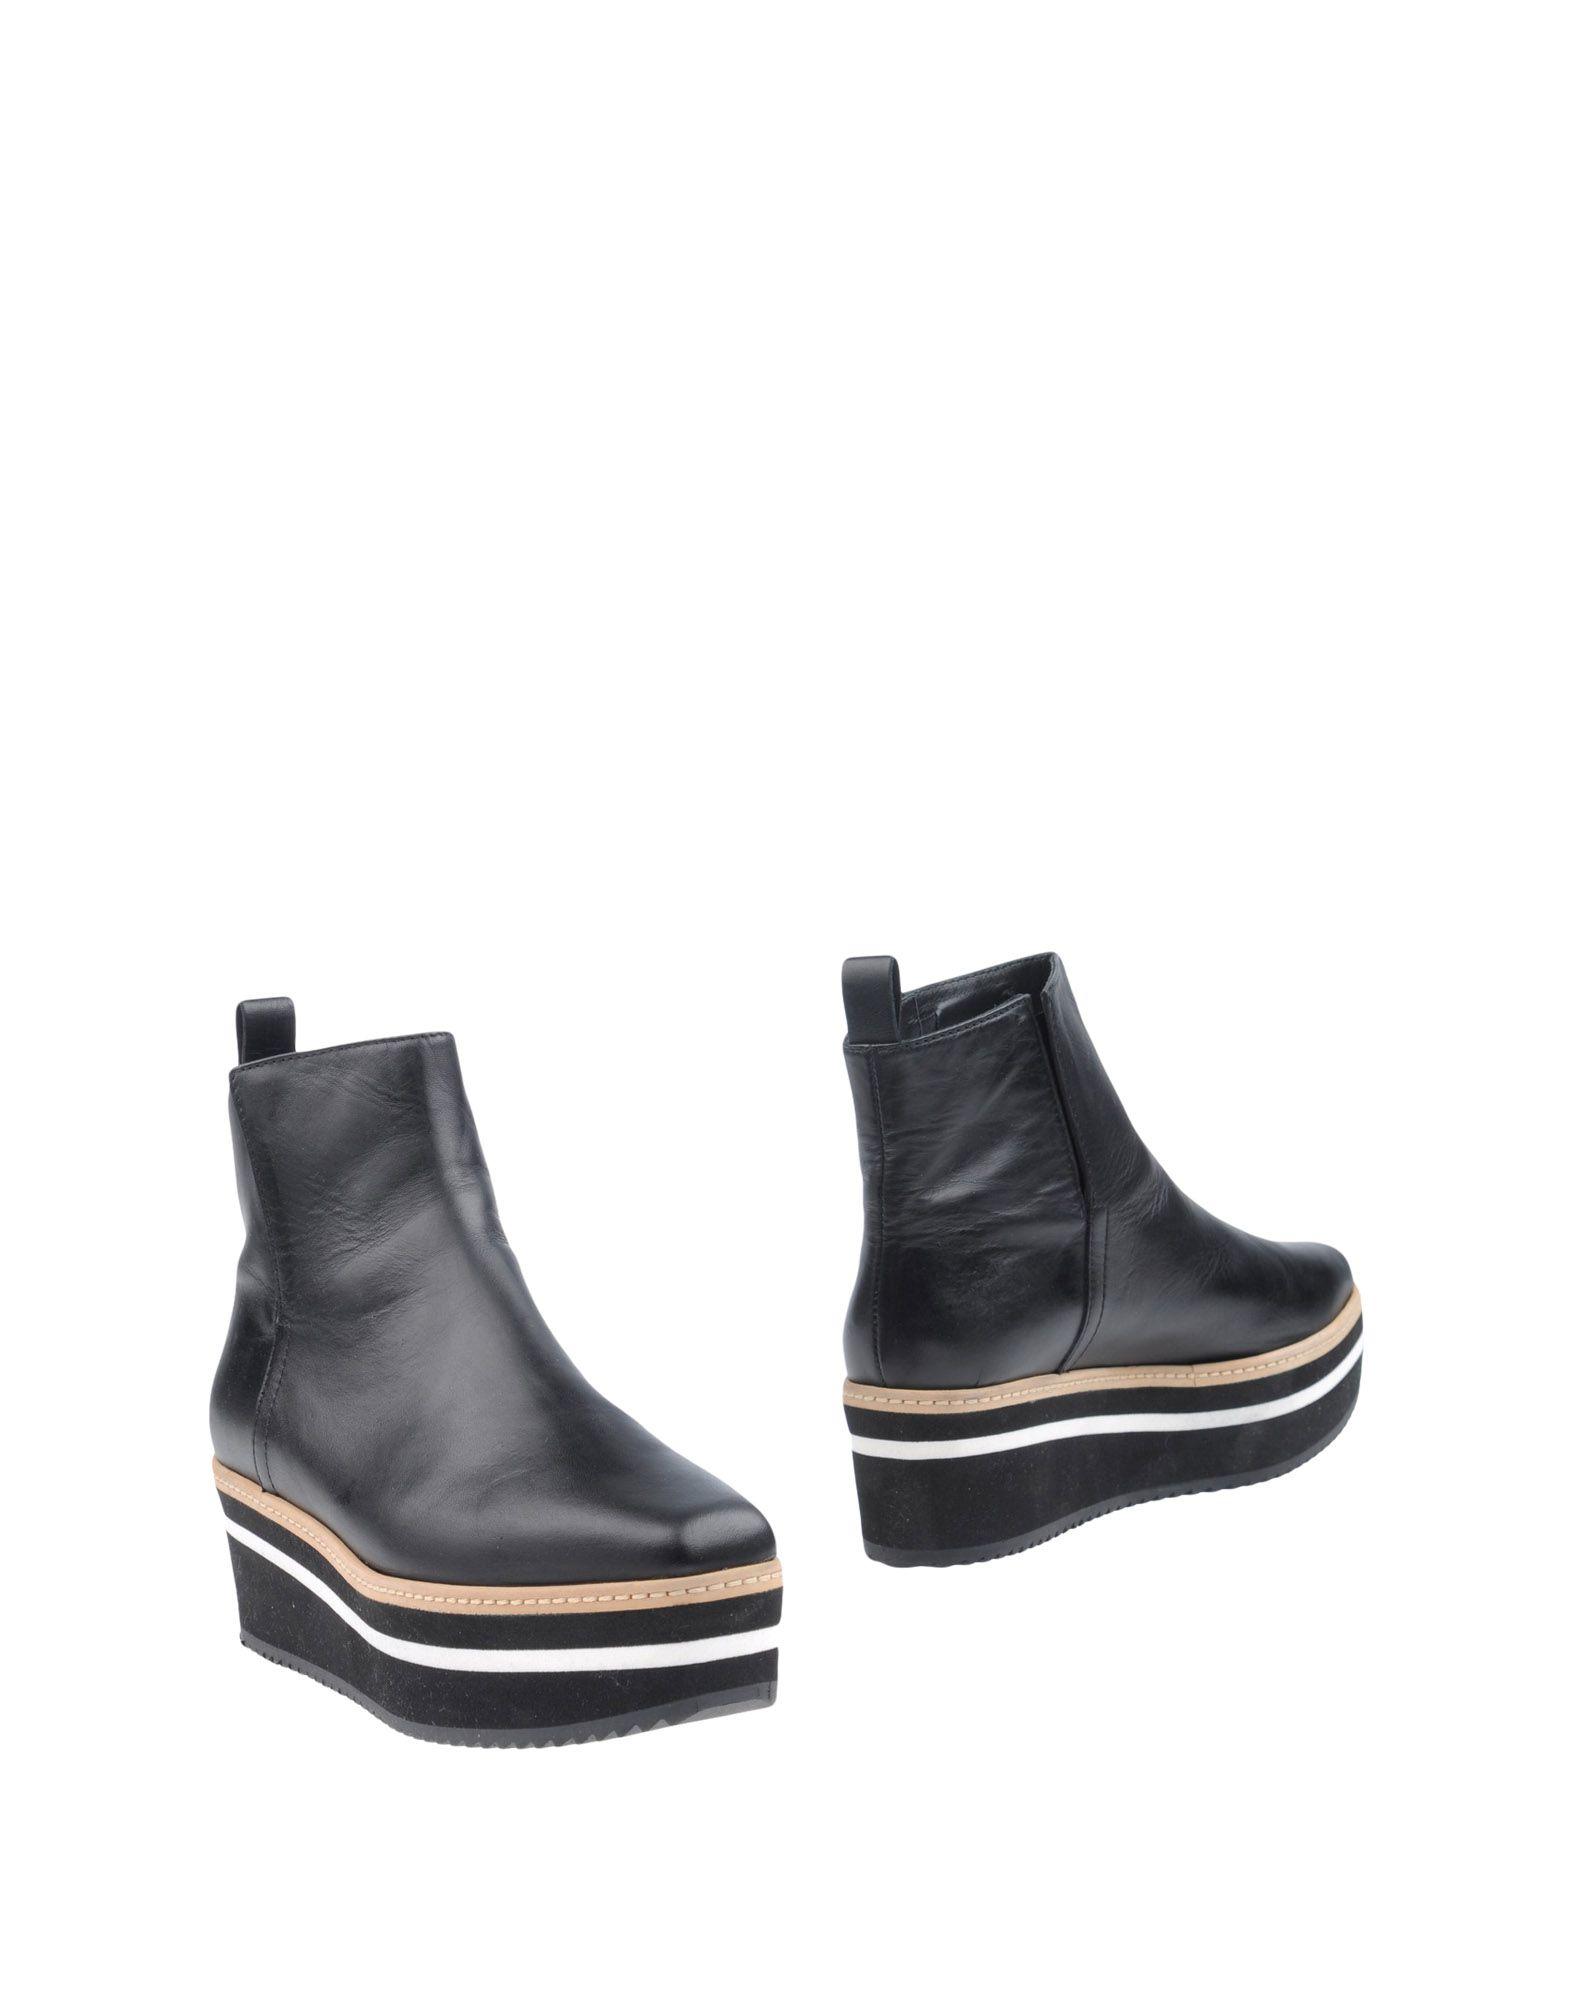 Liviana Conti Damen Stiefelette Damen Conti  11243906WCGut aussehende strapazierfähige Schuhe 2ed48e